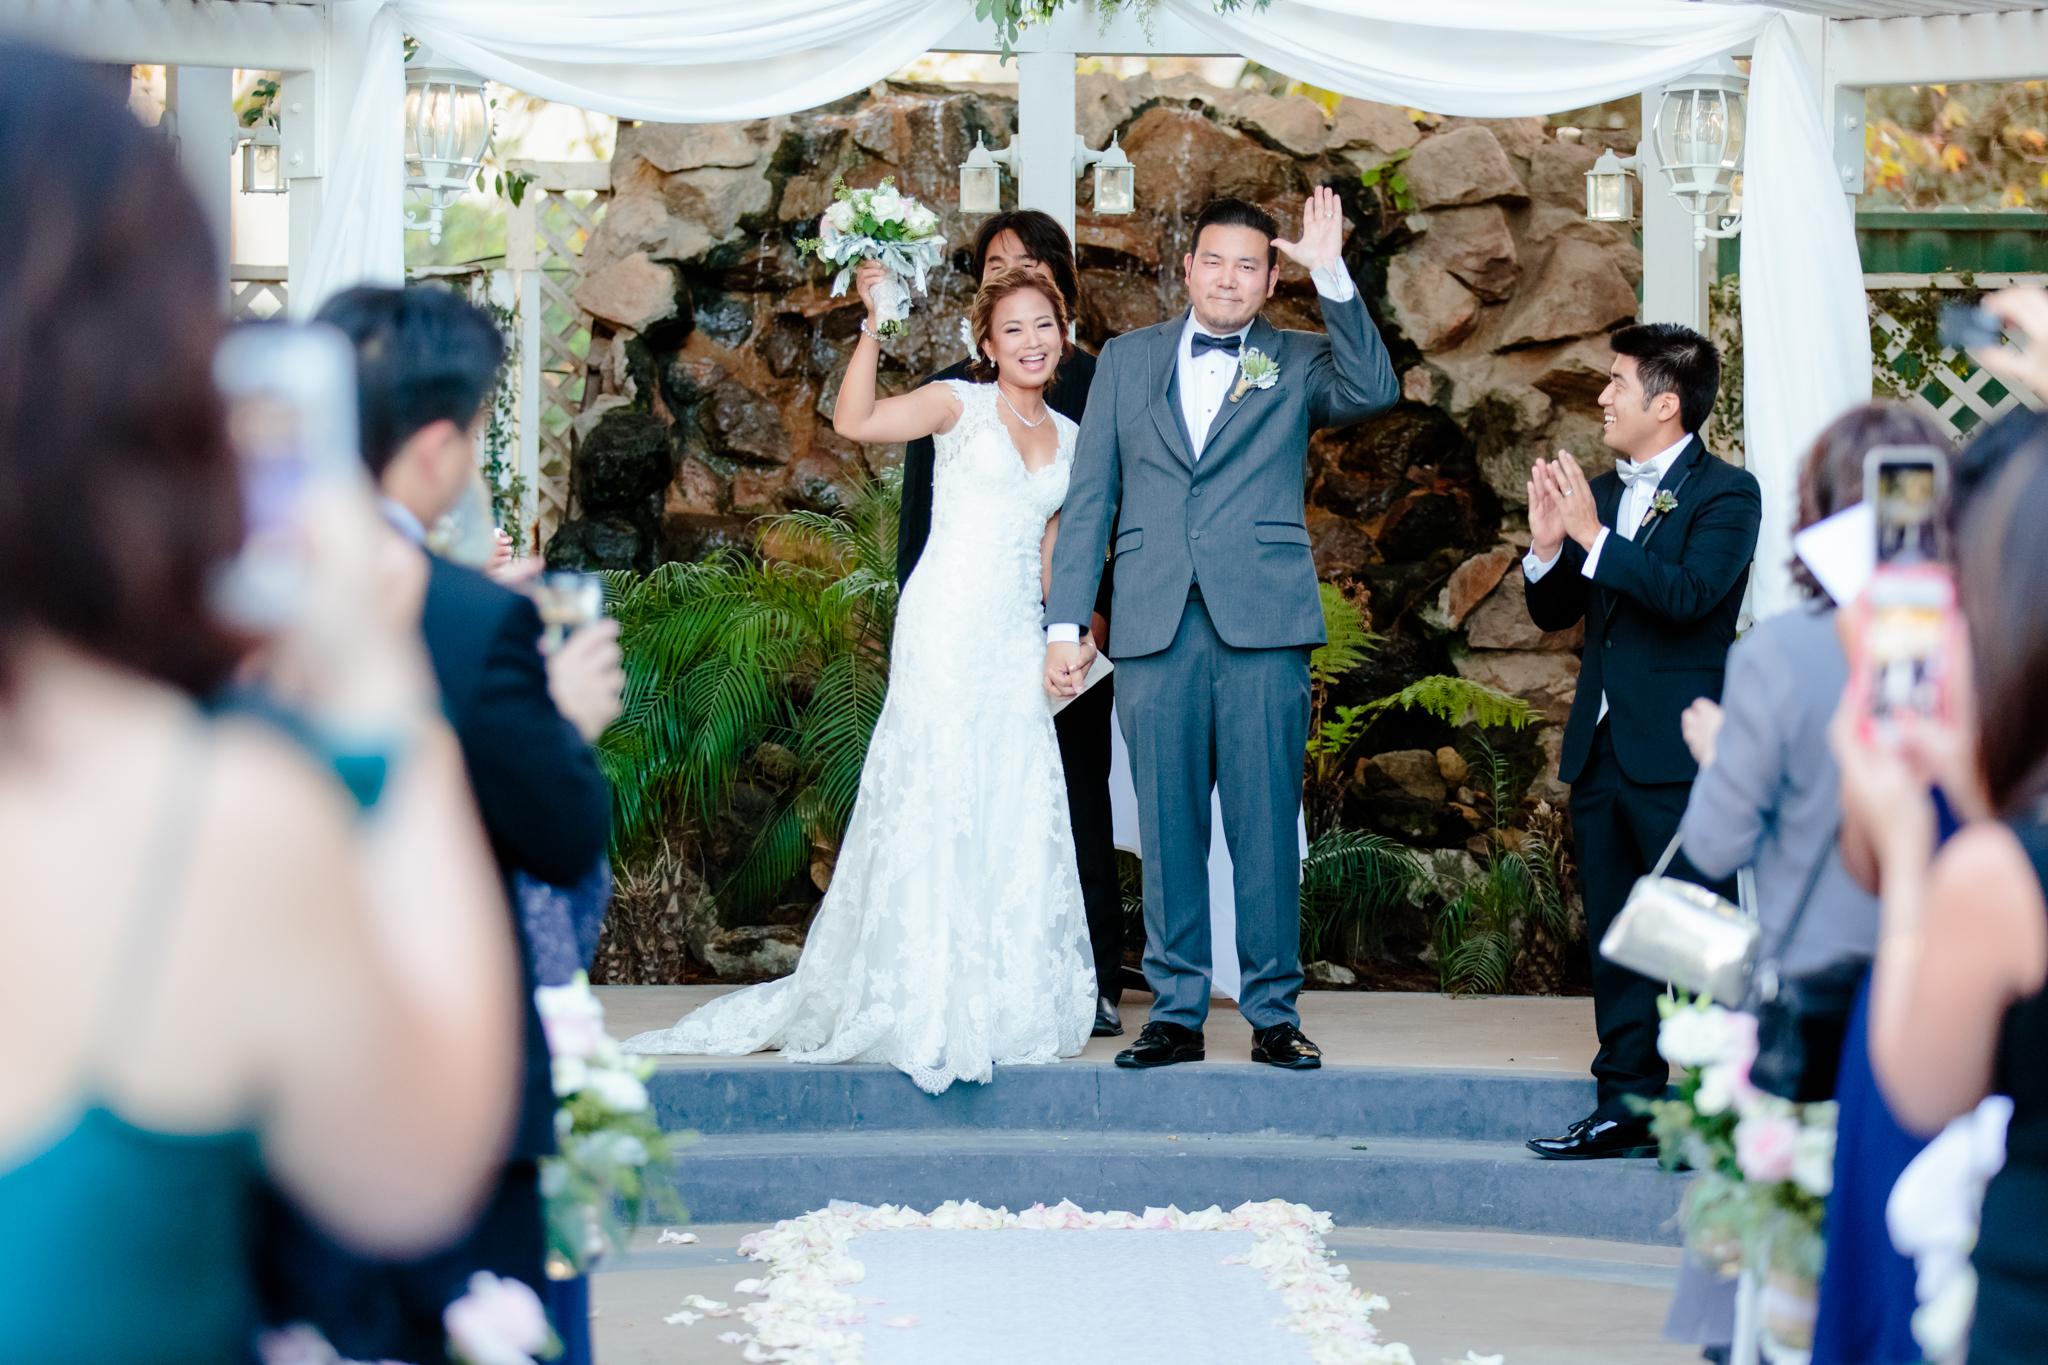 rl-Wedding-Ceremony-Som+Yusuke-356.jpg